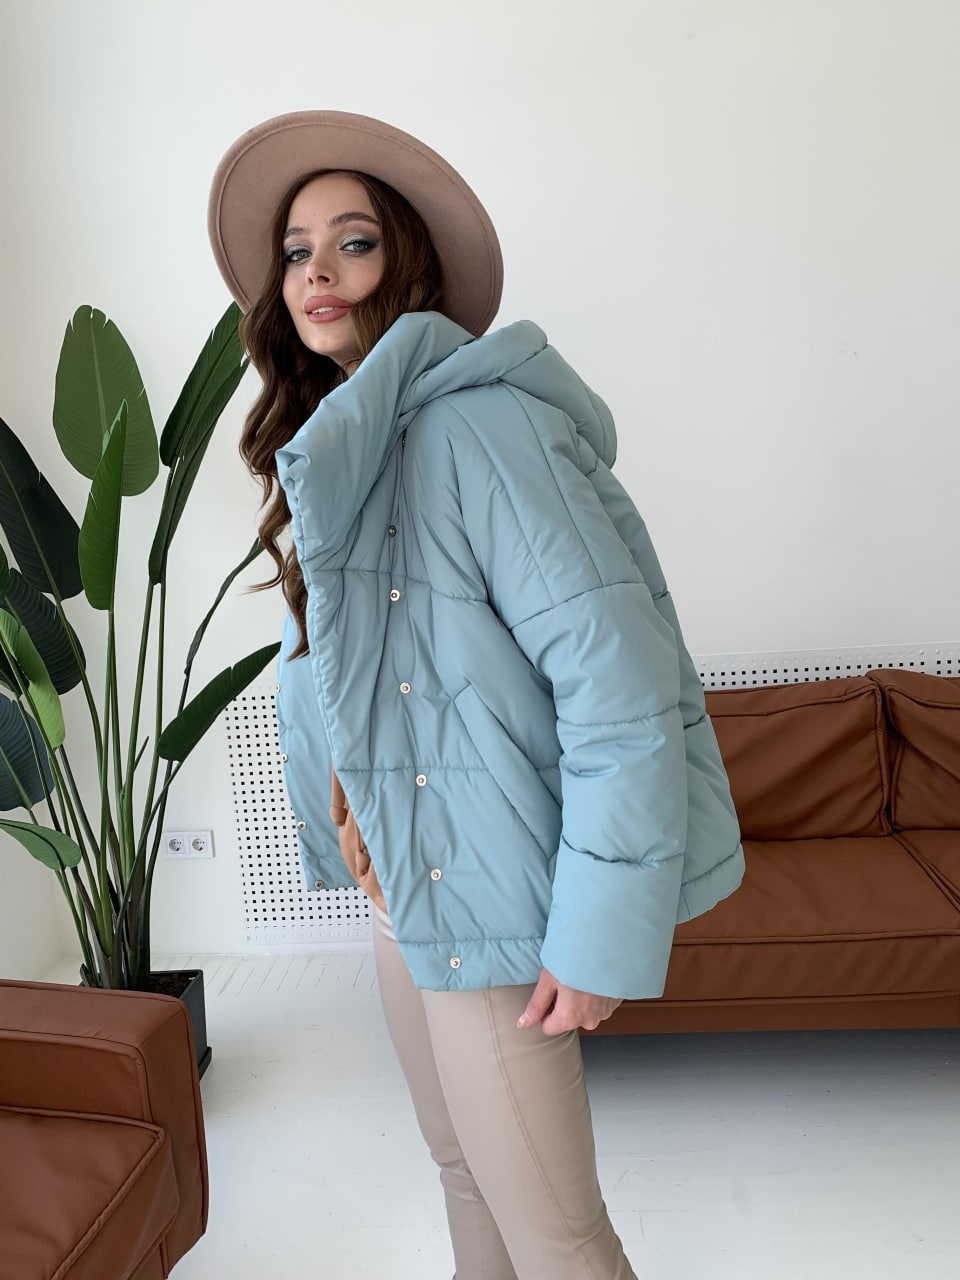 Уно short куртка из плащевой ткани Ammy 10927 АРТ. 47401 Цвет: Олива - фото 8, интернет магазин tm-modus.ru